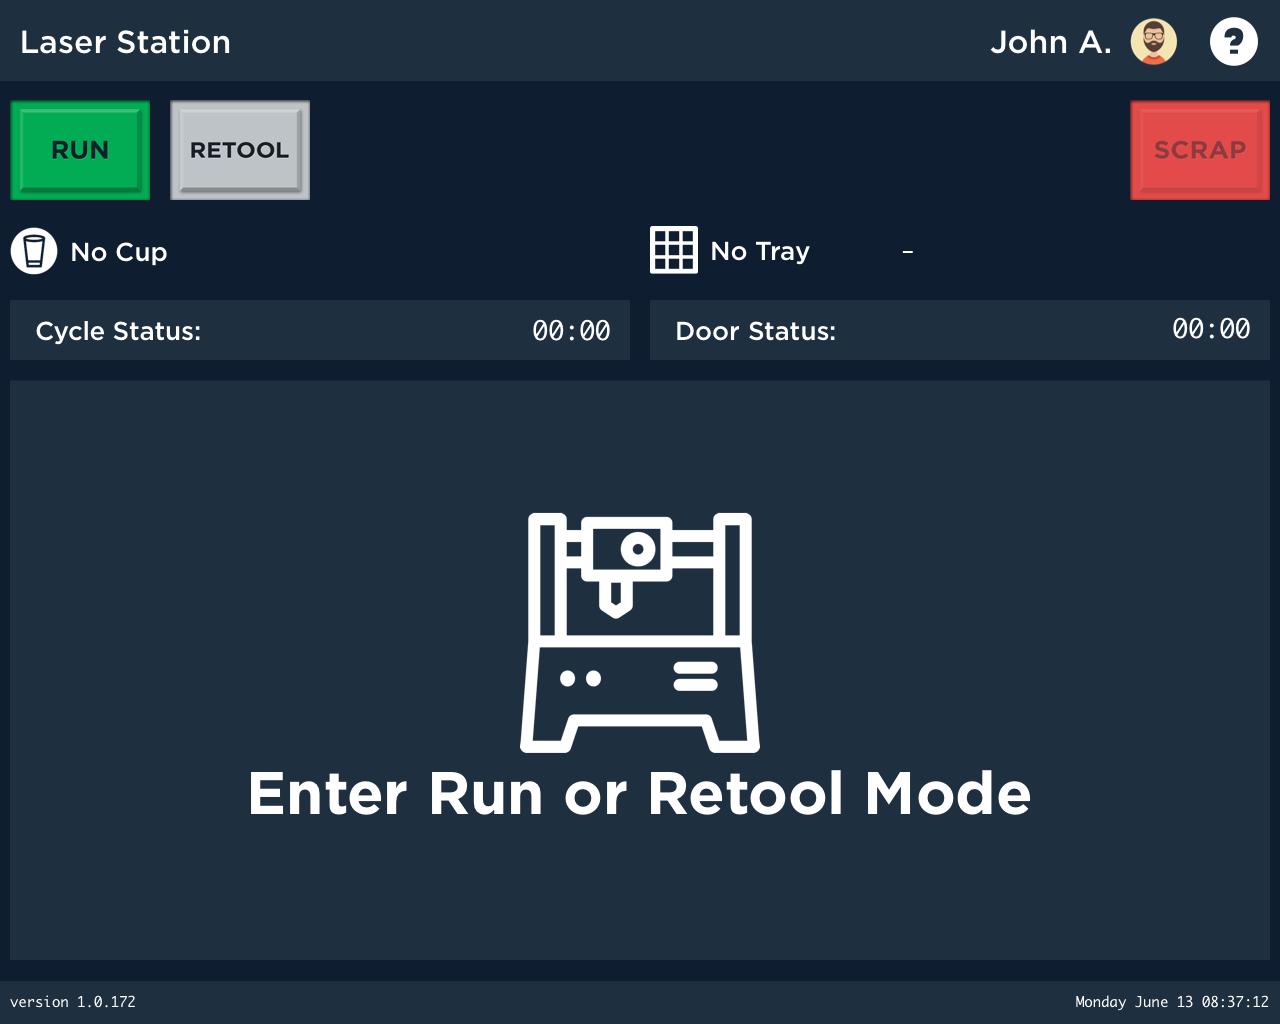 laser-station-enter-run-retool.jpg